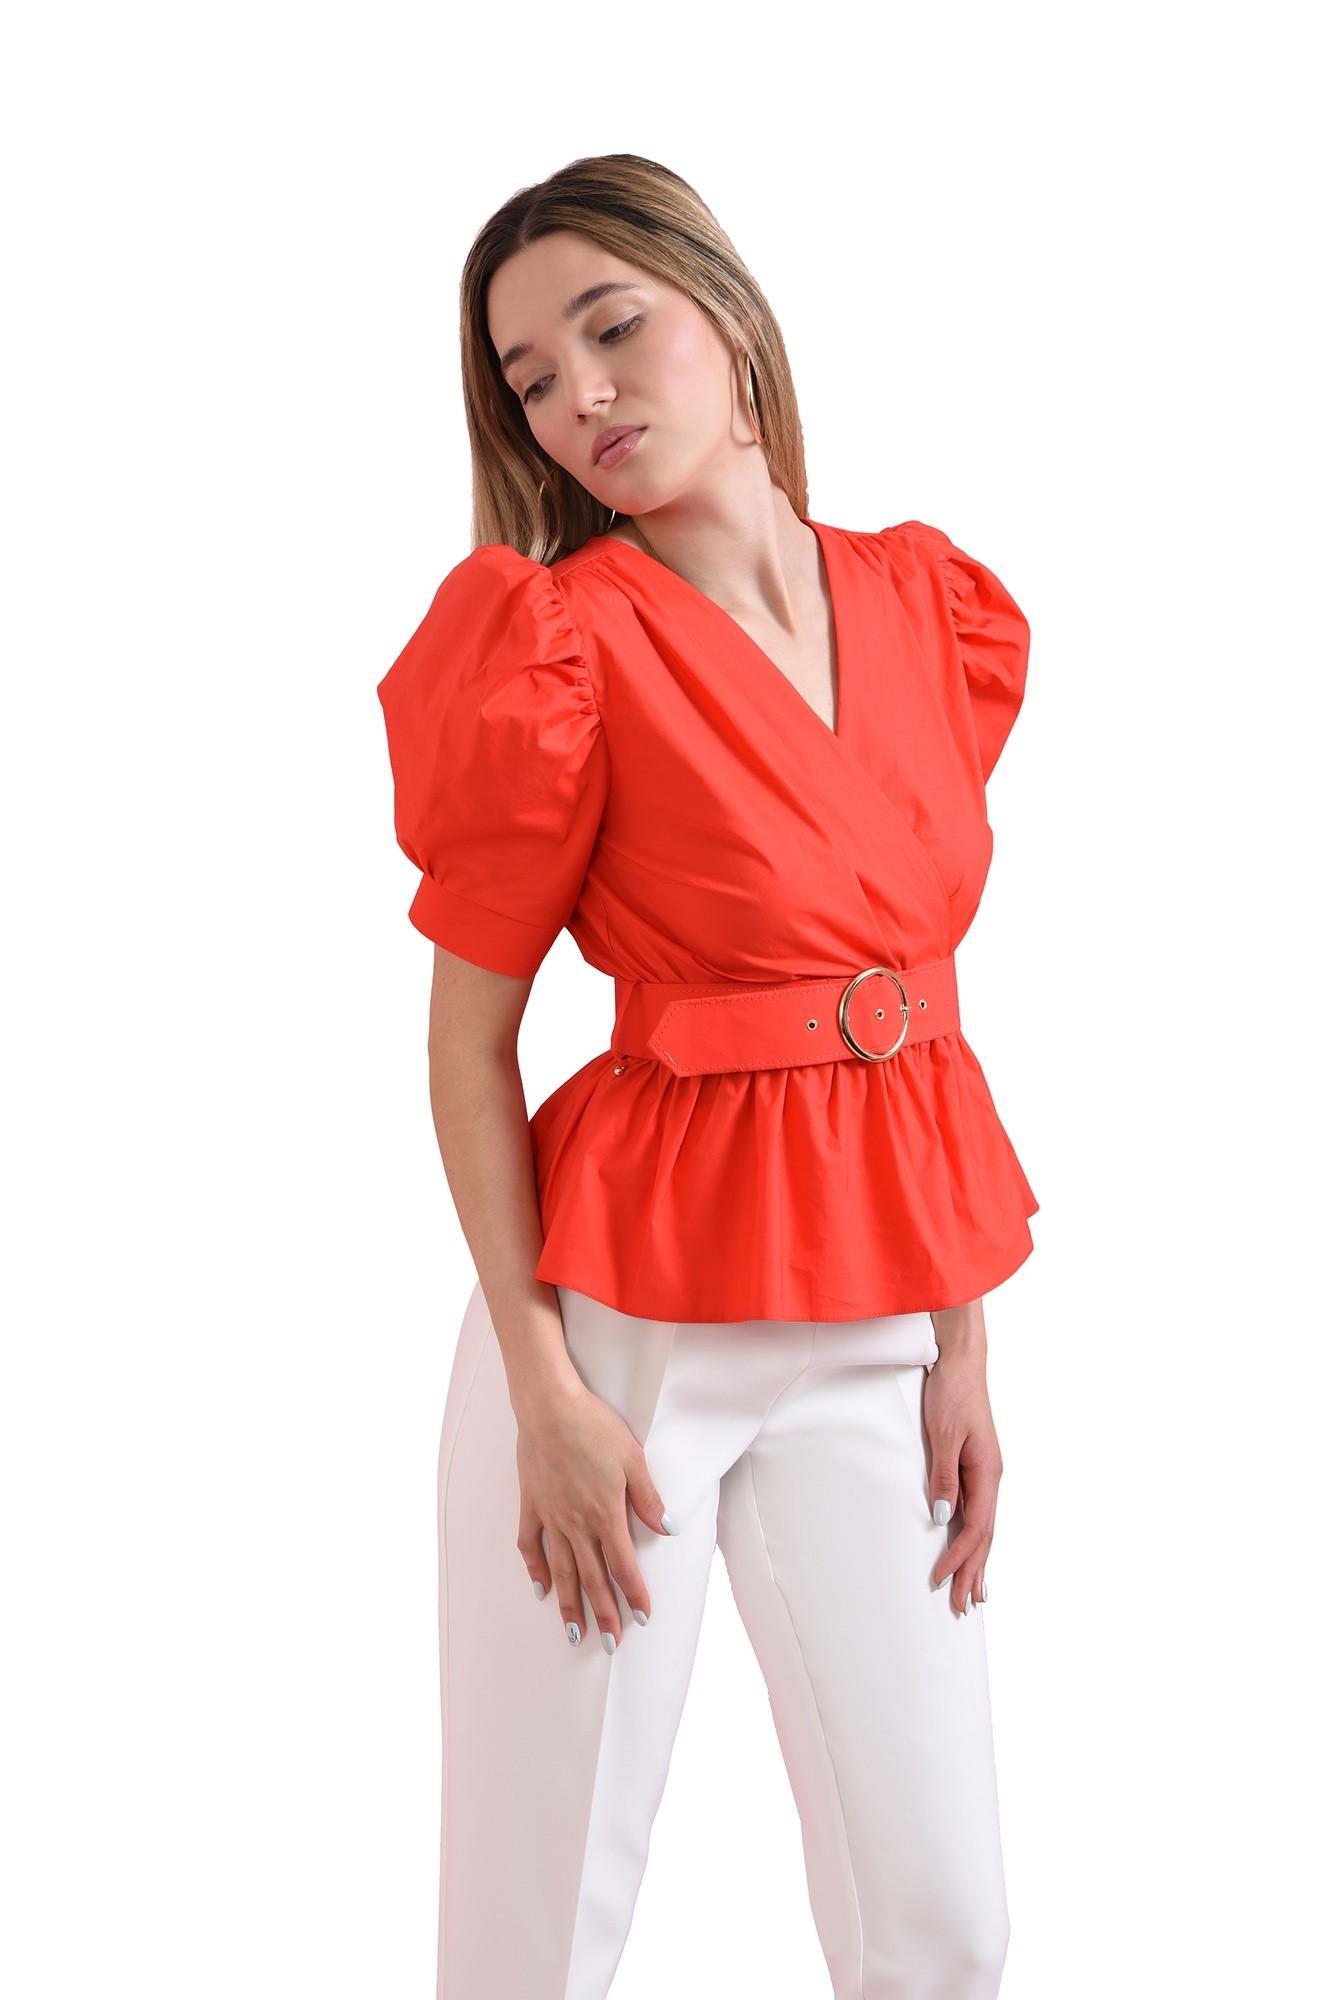 3 - bluza din bumbac, rosie, cu centura